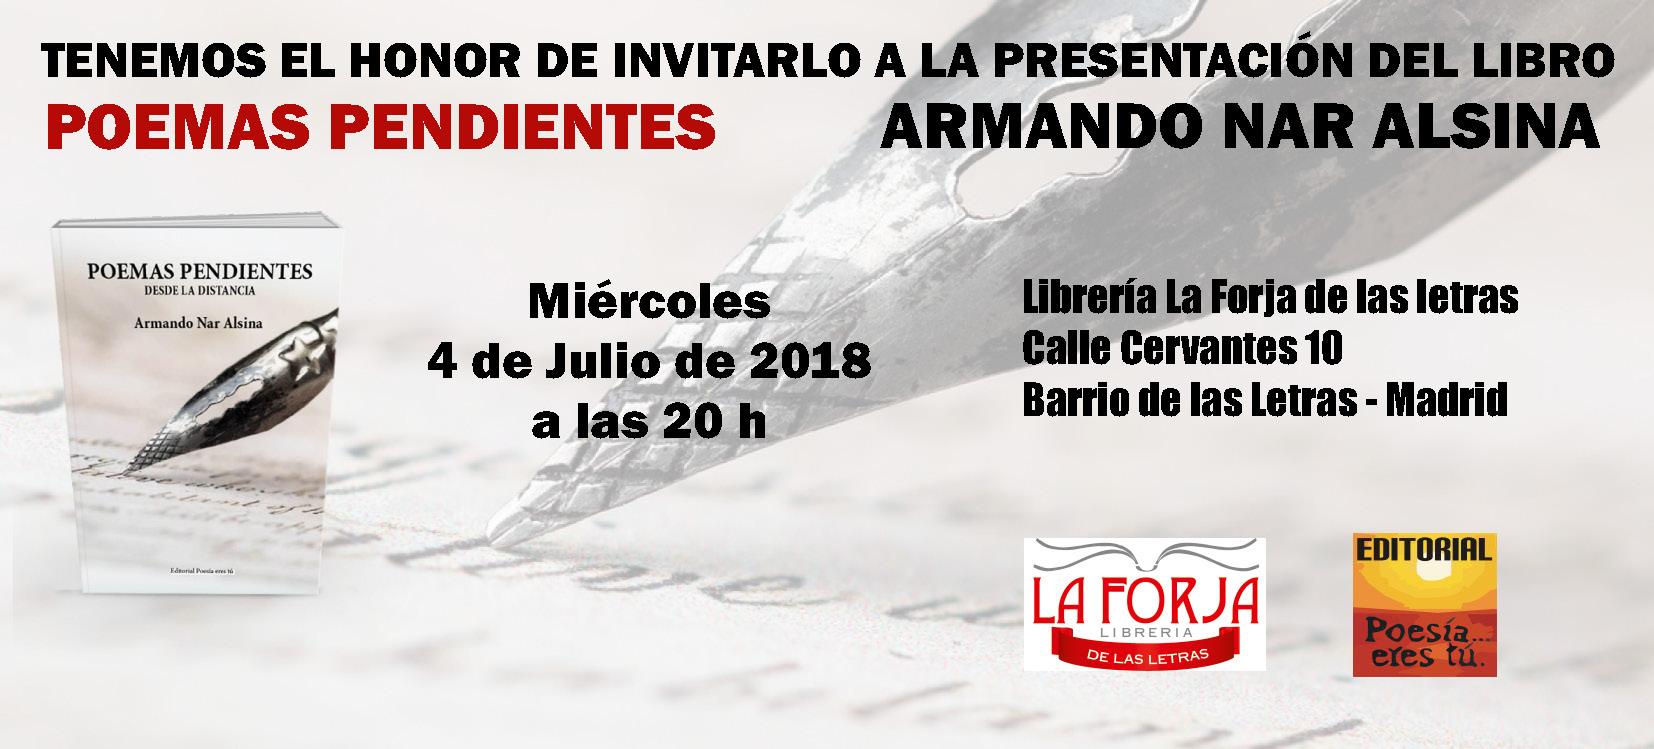 Invitación Poemas pendientes  Poemas pendientes: Miercoles 4 de Julio de 2018. Librería La forja de las letras. Invitacion210x95